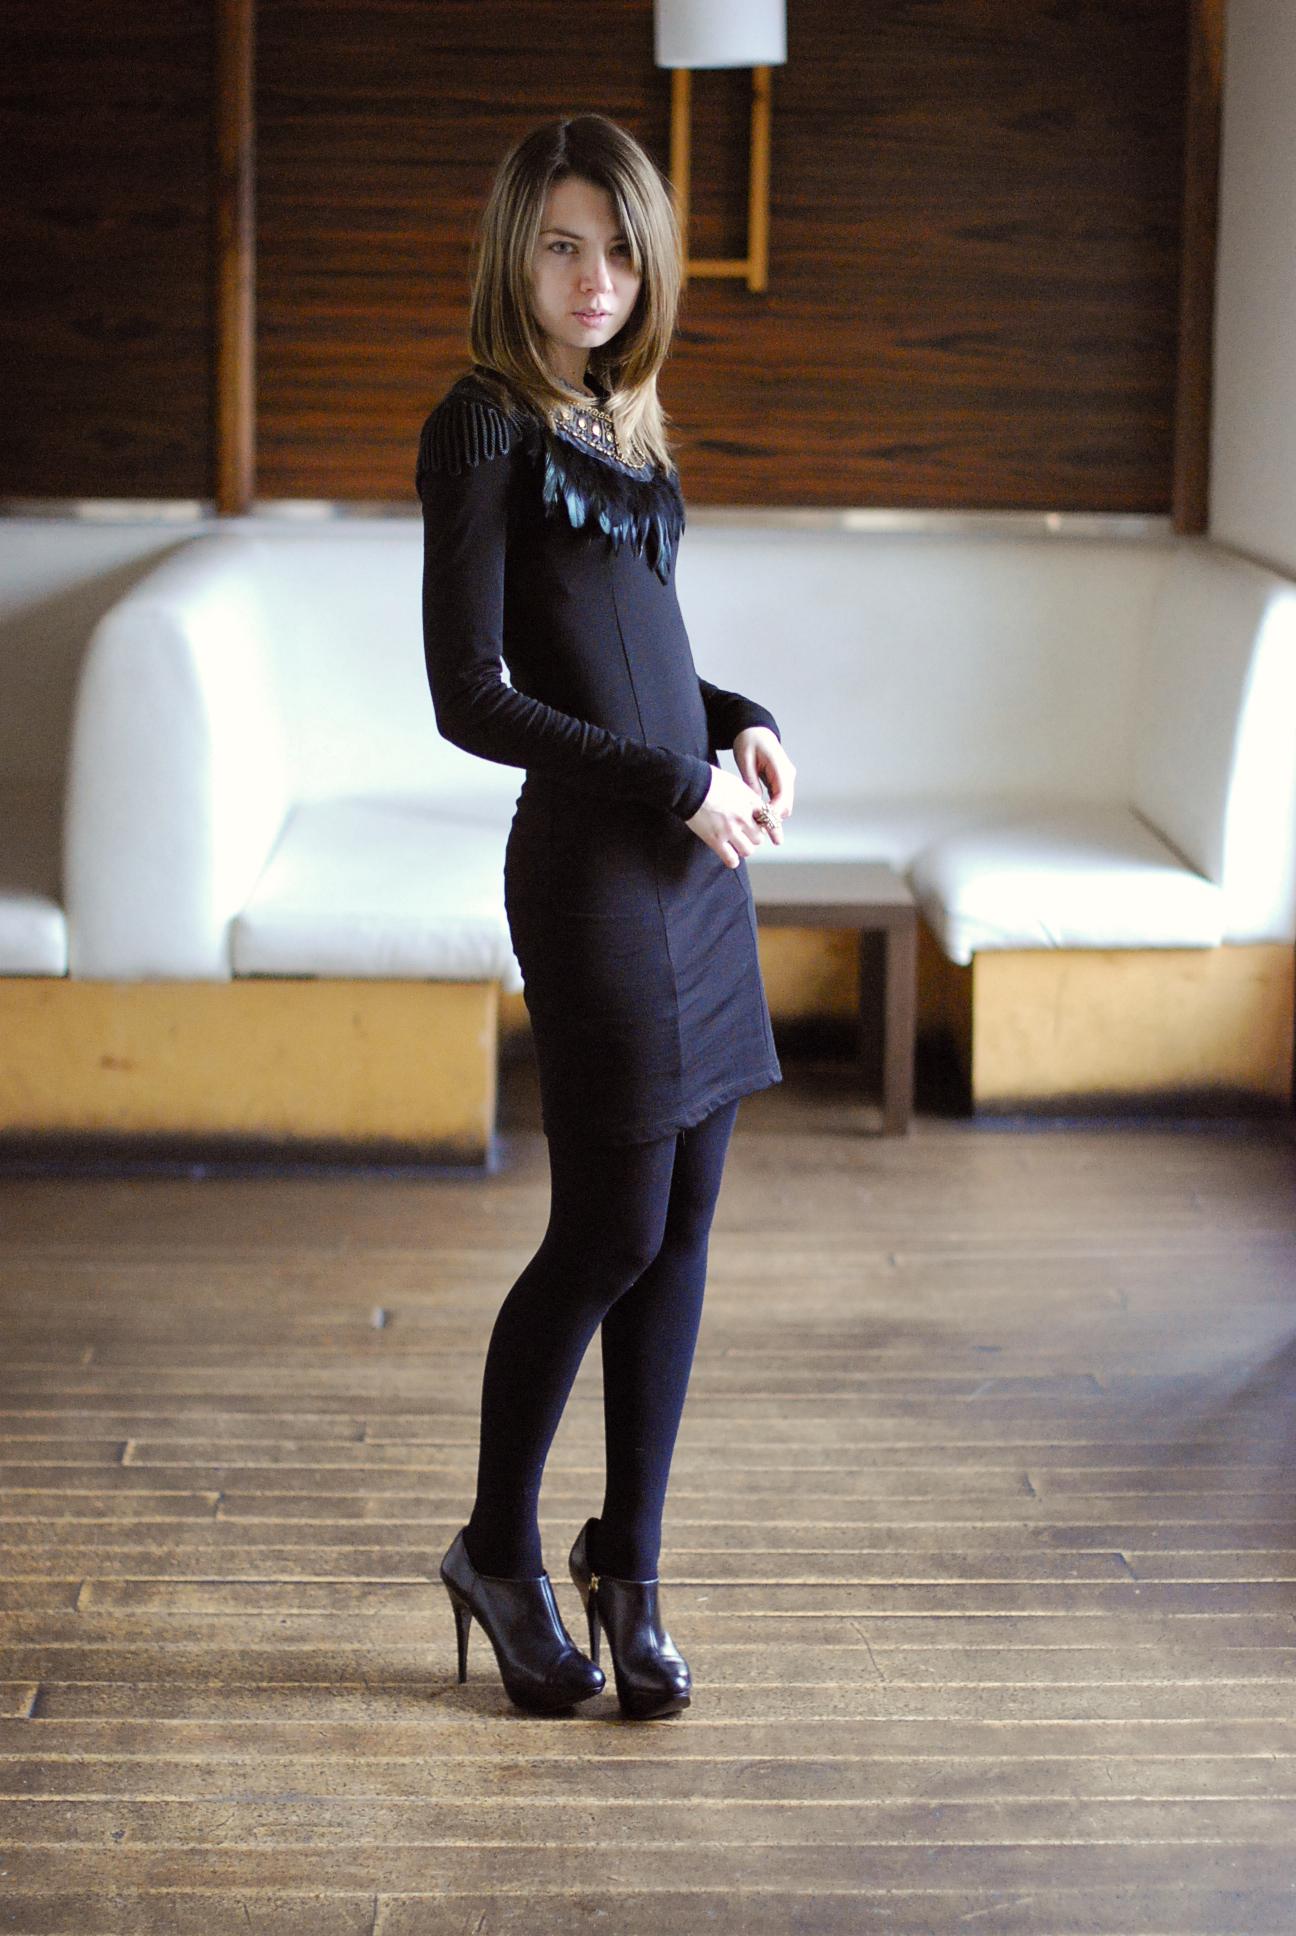 headmistress